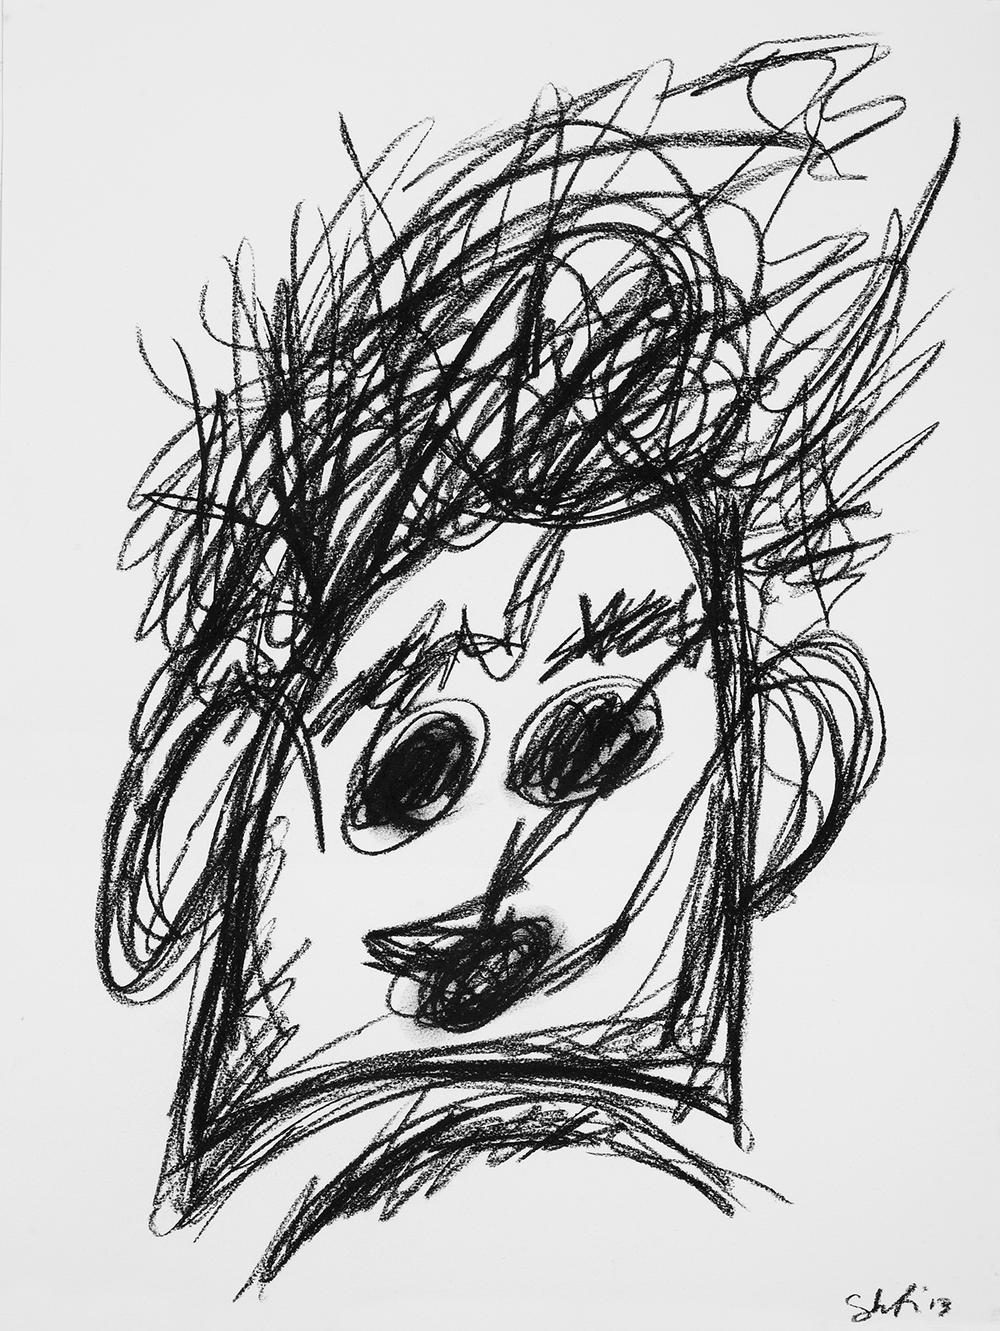 Sketchball 4